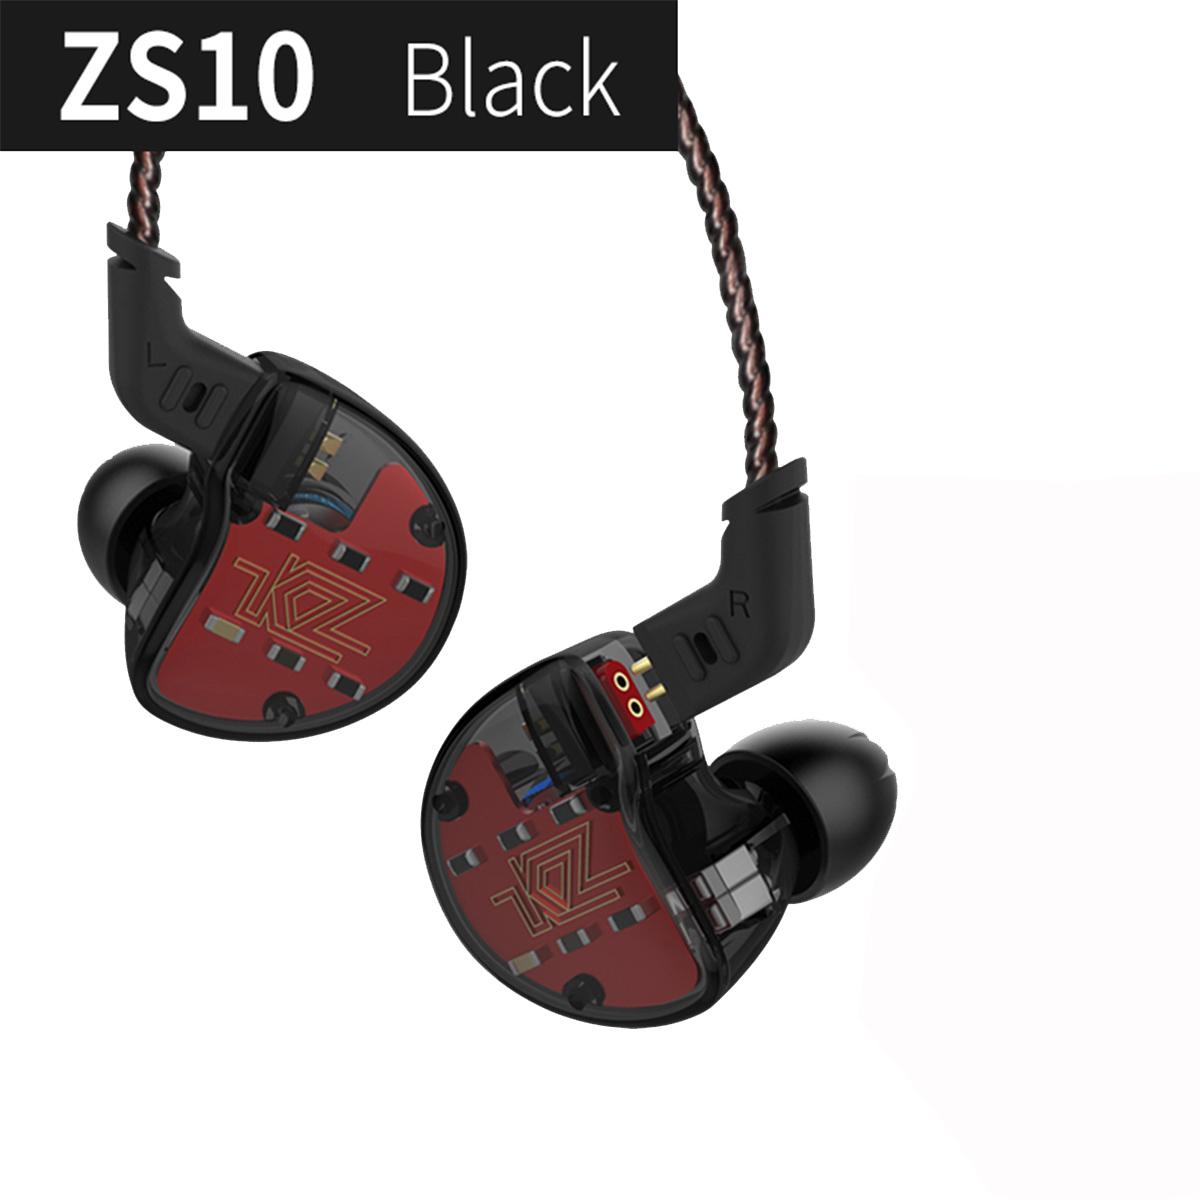 Fone de ouvido KZ Zs10 Preto